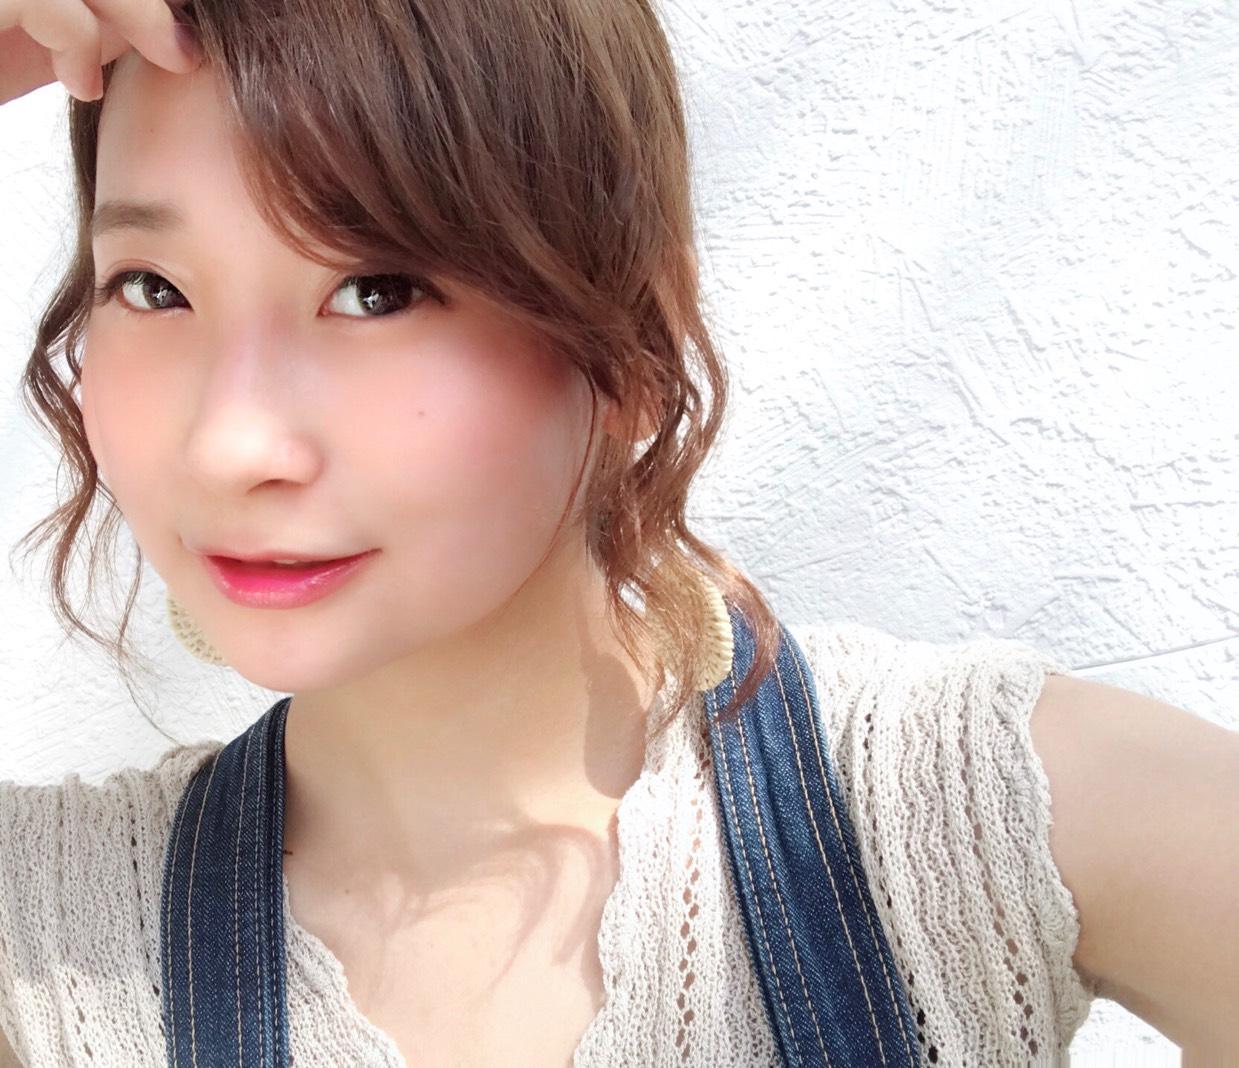 小嶋陽菜さんモデル!FAIRYカラコン(カーキブラウン)着画レビュー